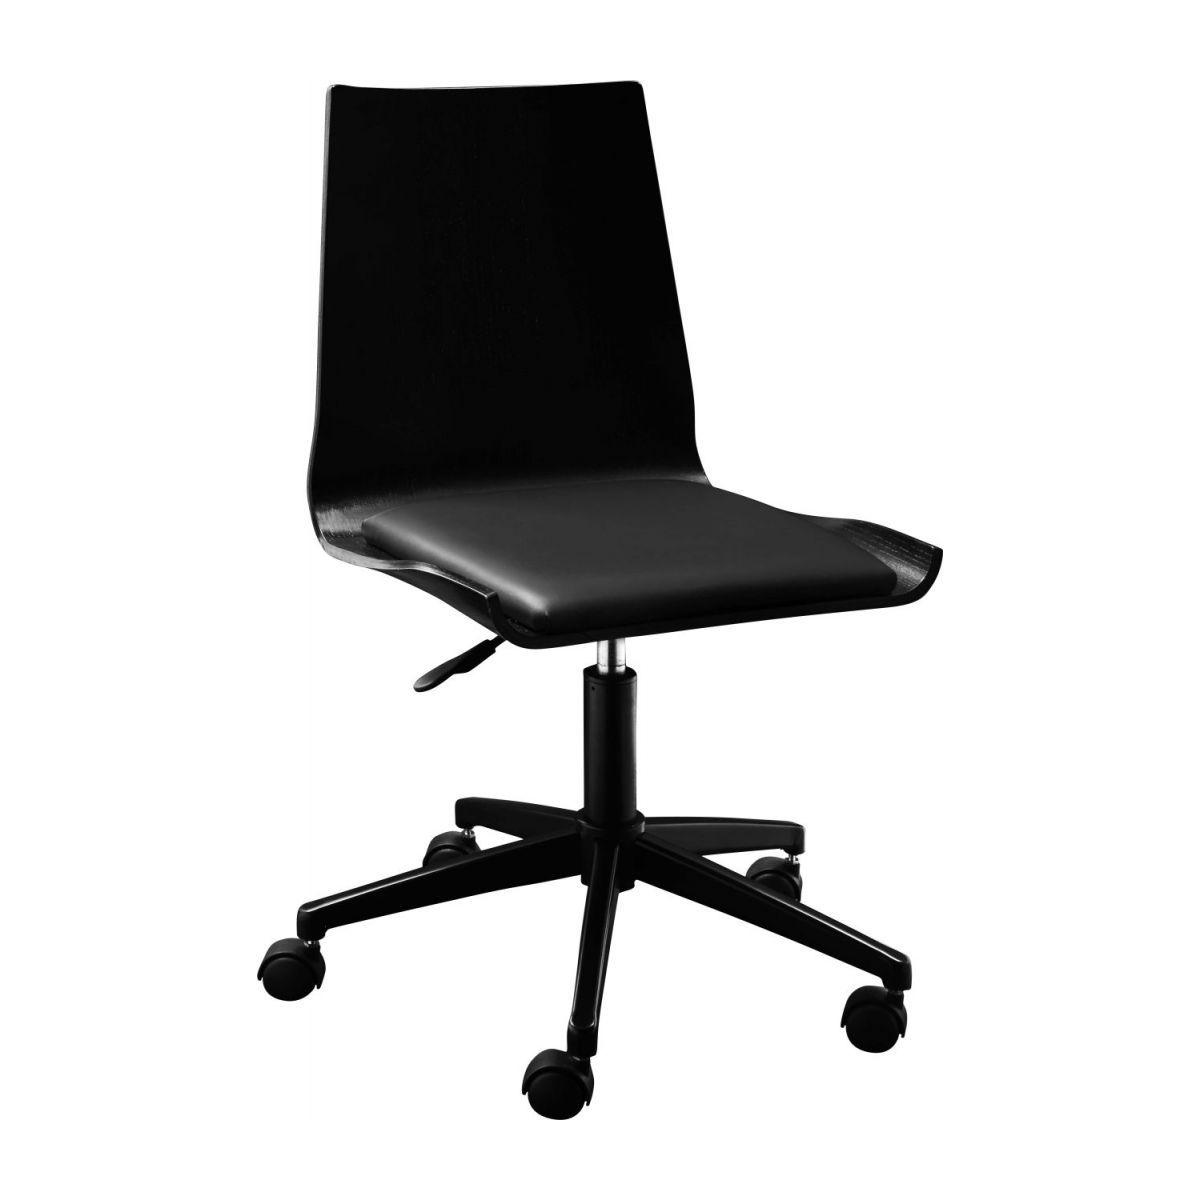 Gandhi Chaise De Bureau A Roulette Noire En Chene Chaise Furniture Office Chair